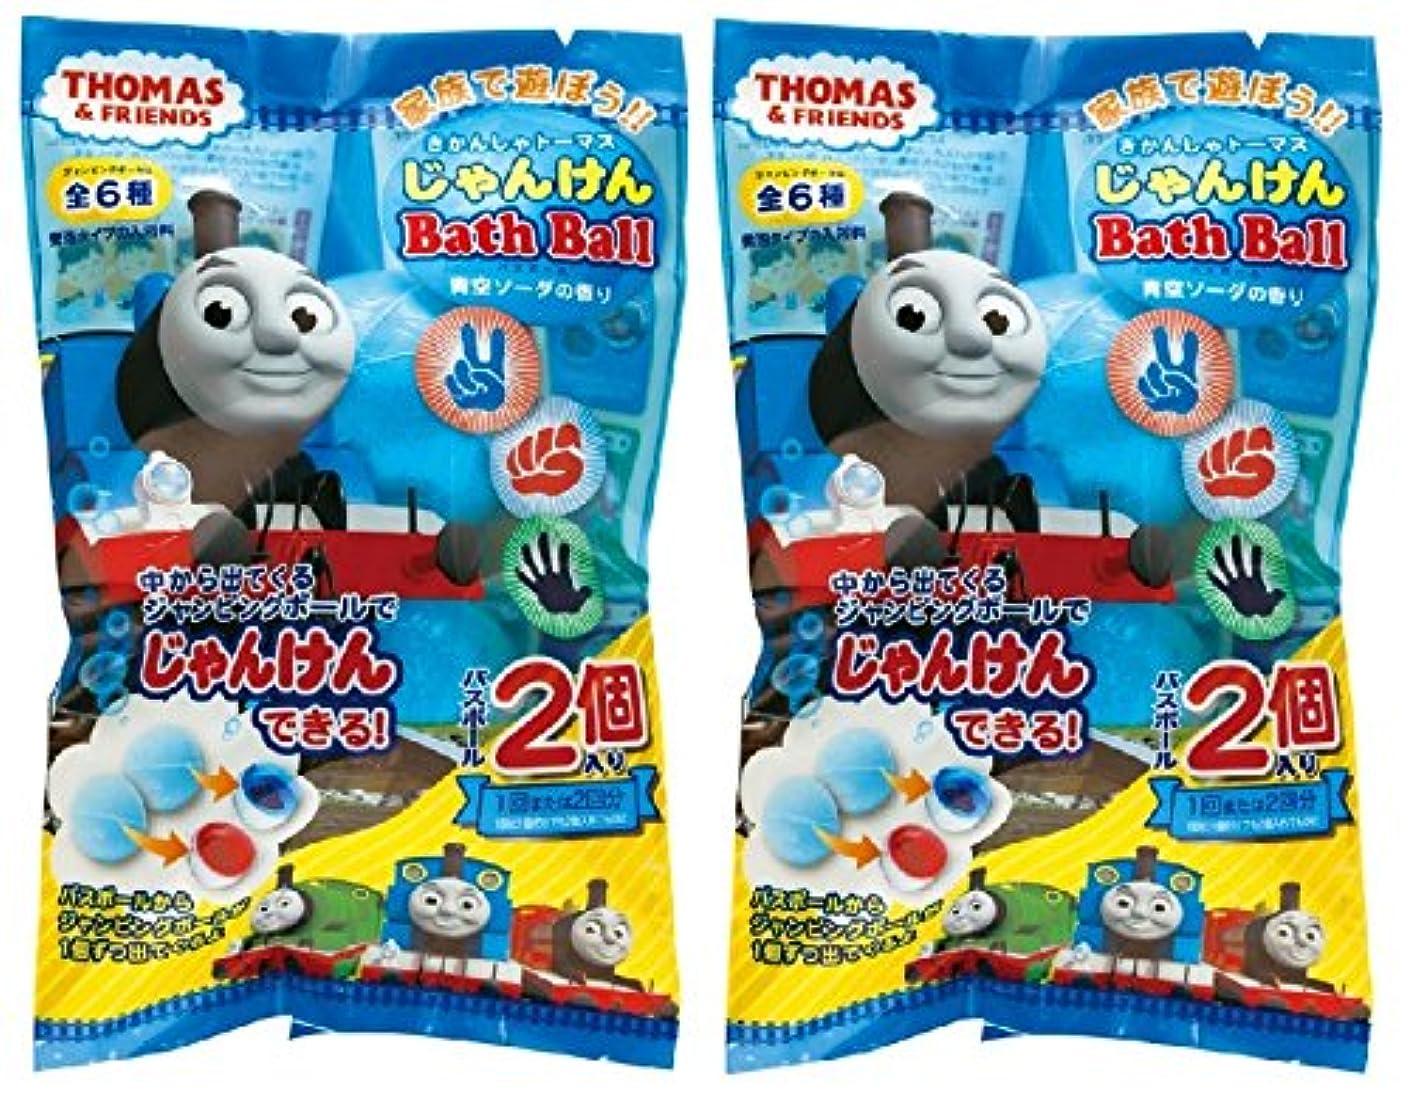 順応性のある分離するはい【2袋セット】きかんしゃトーマス 入浴剤 じゃんけんバスボール 2個入り おまけ付き 青色ソーダの香り OB-TOB-4-1